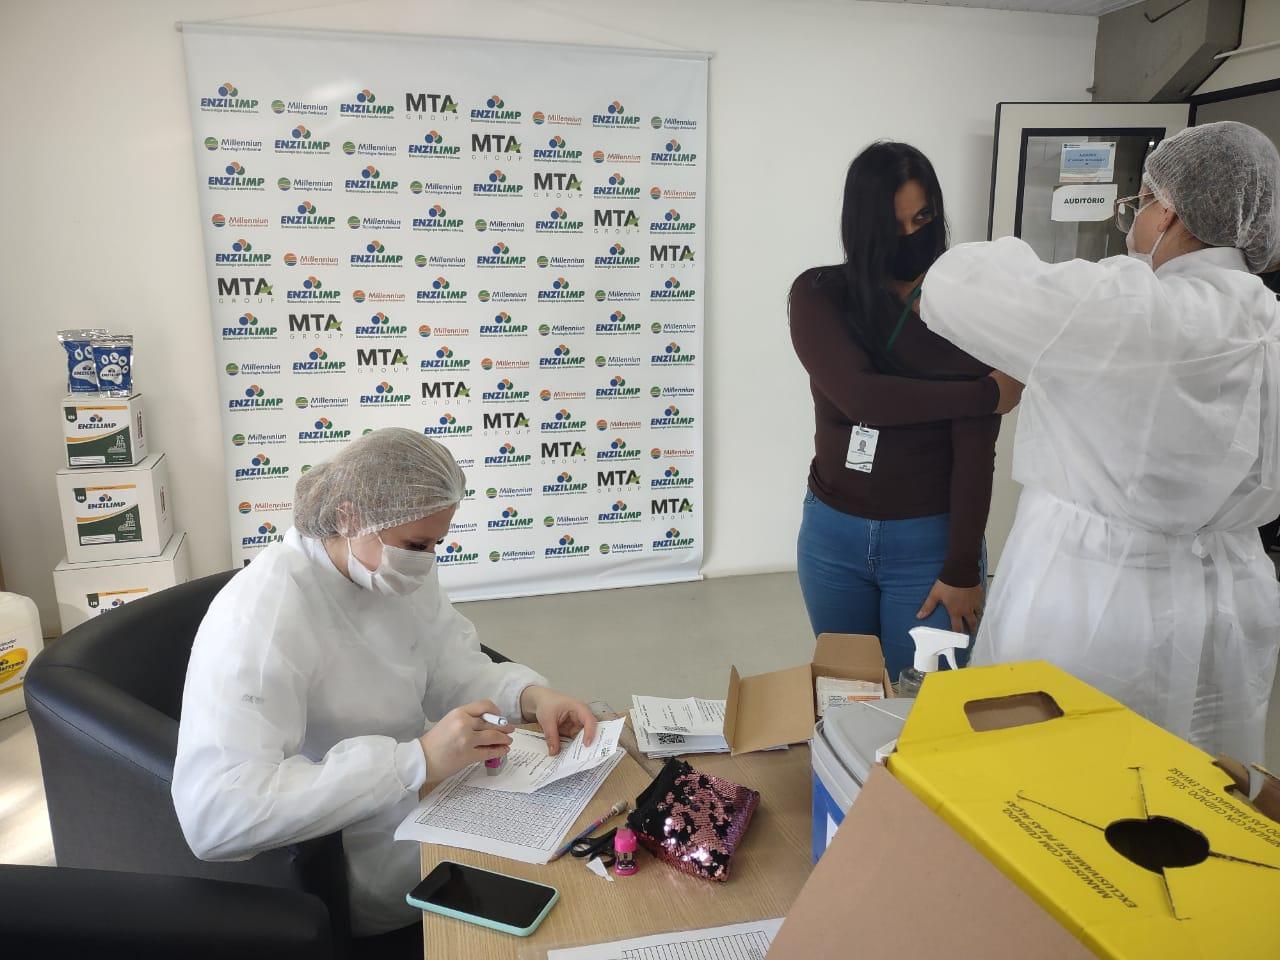 Millennniun vacina colaboradores, Enzilimp